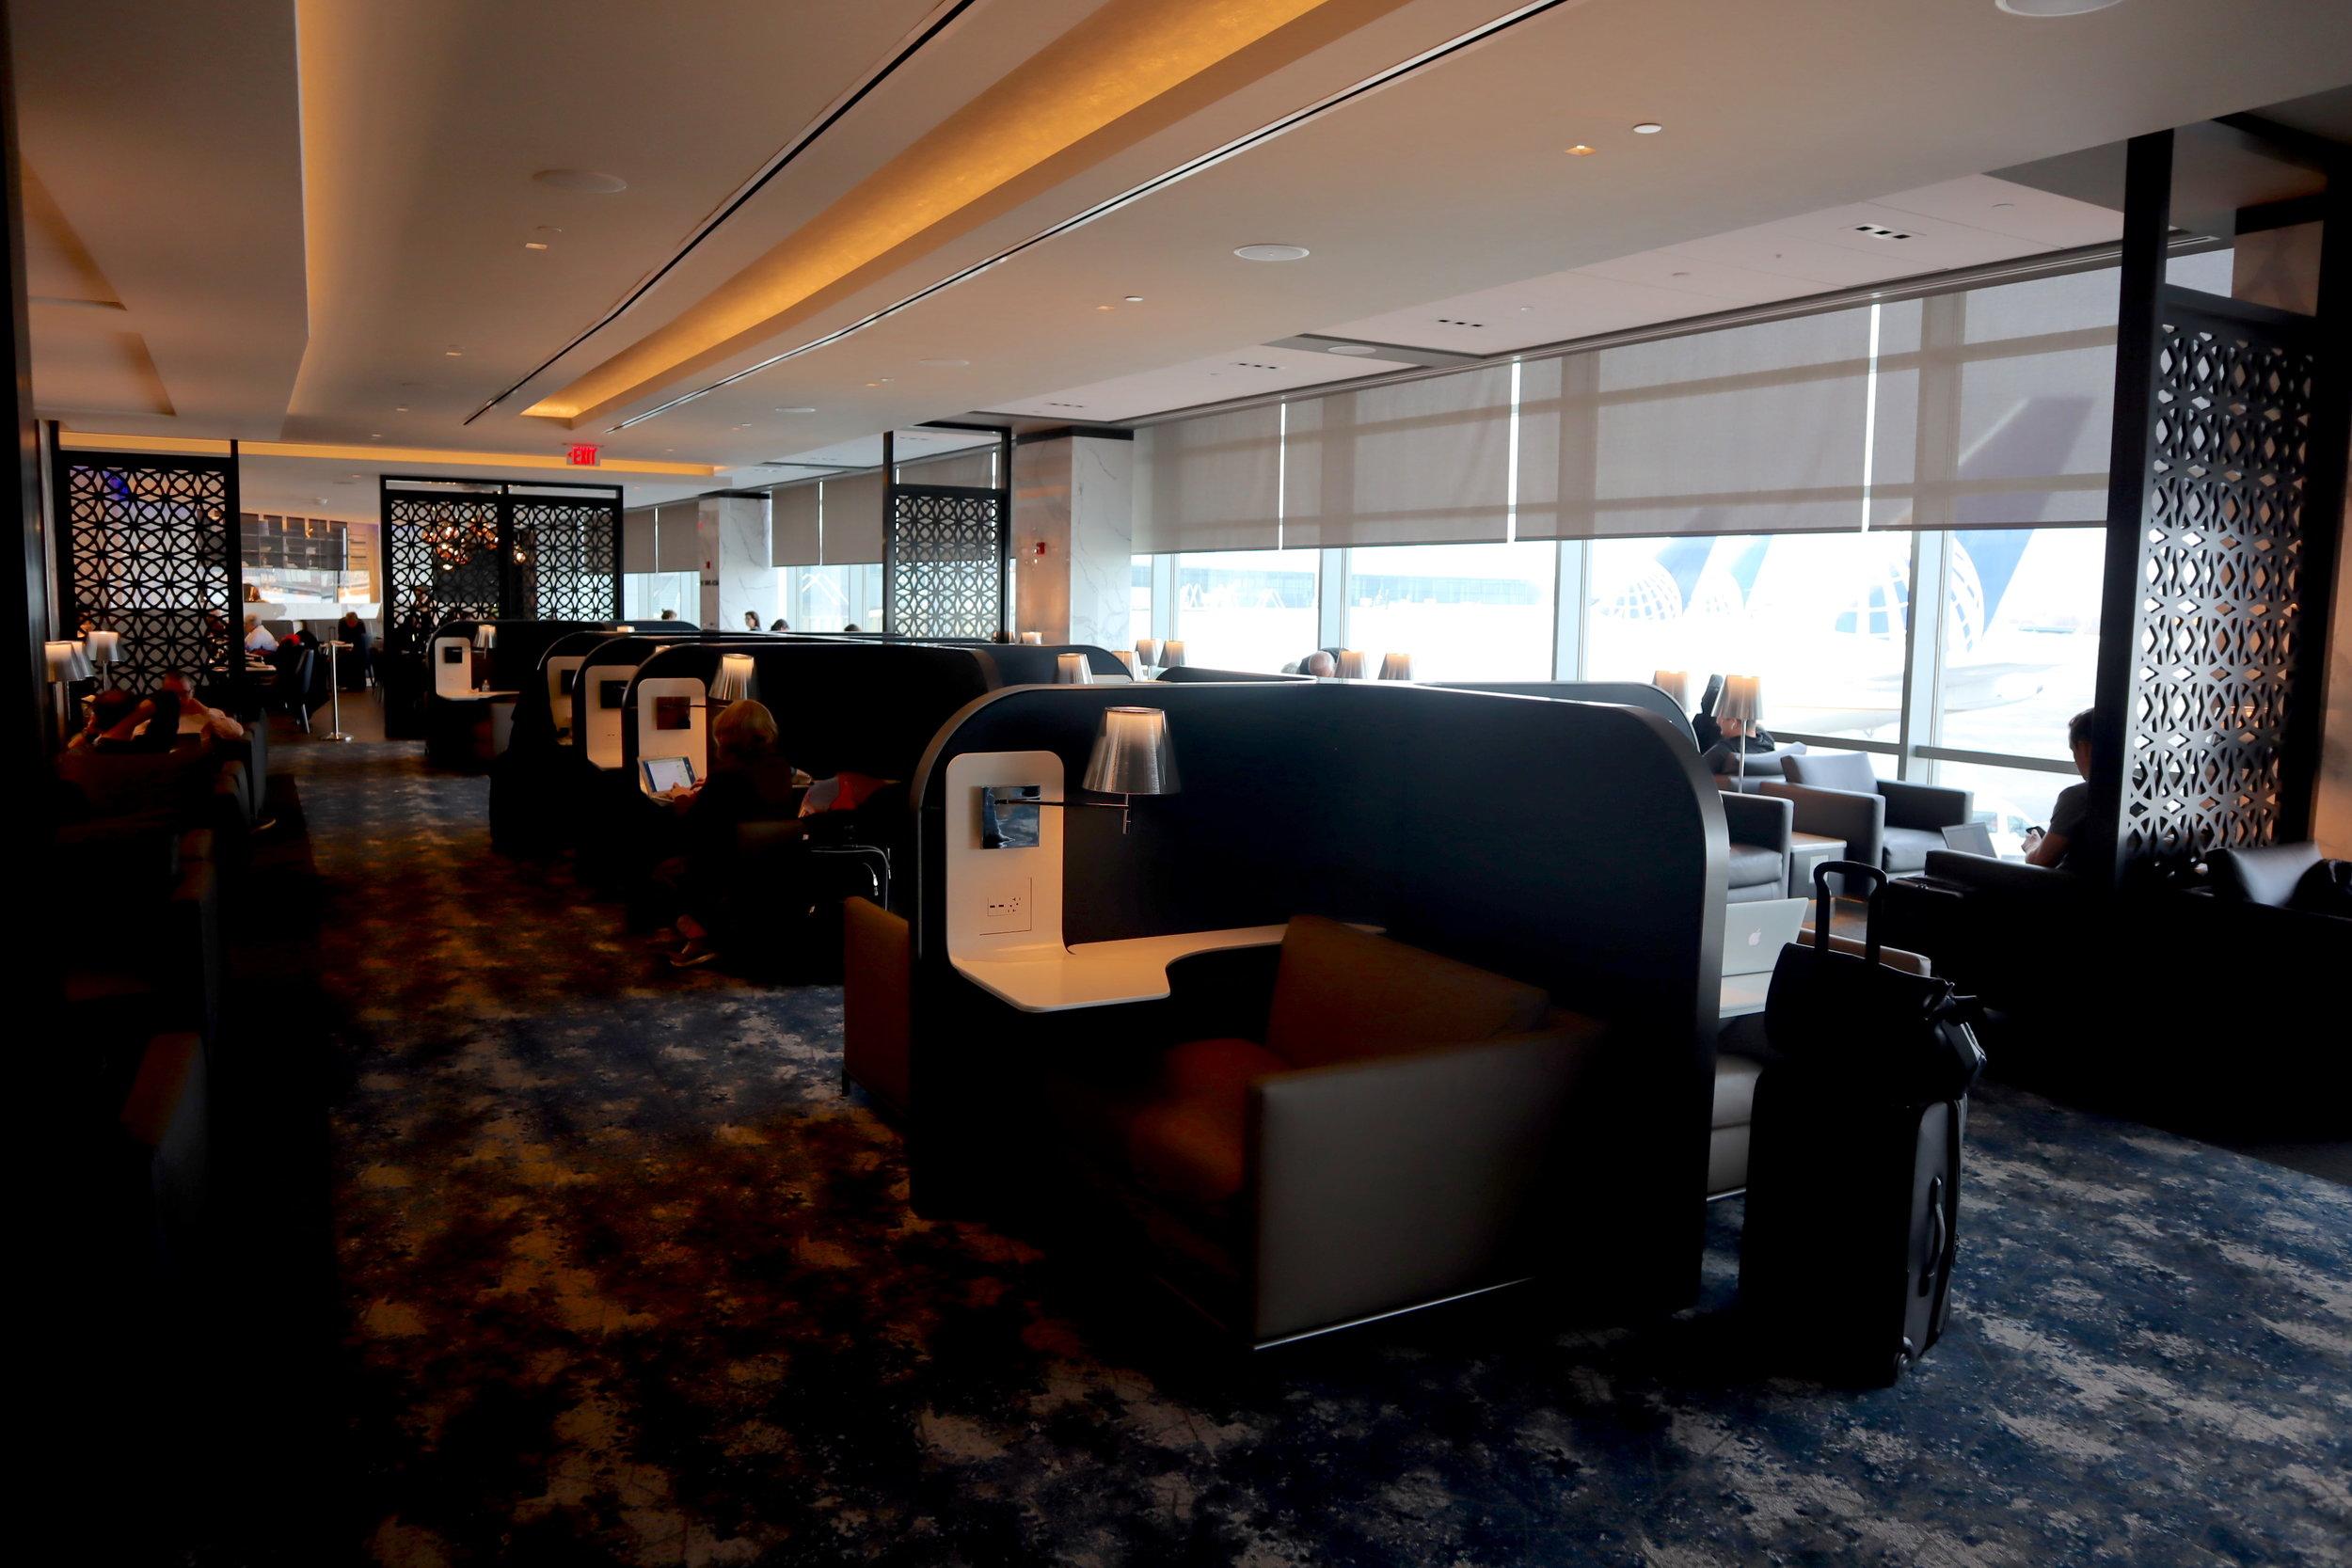 United Polaris Lounge Newark – Seating pods